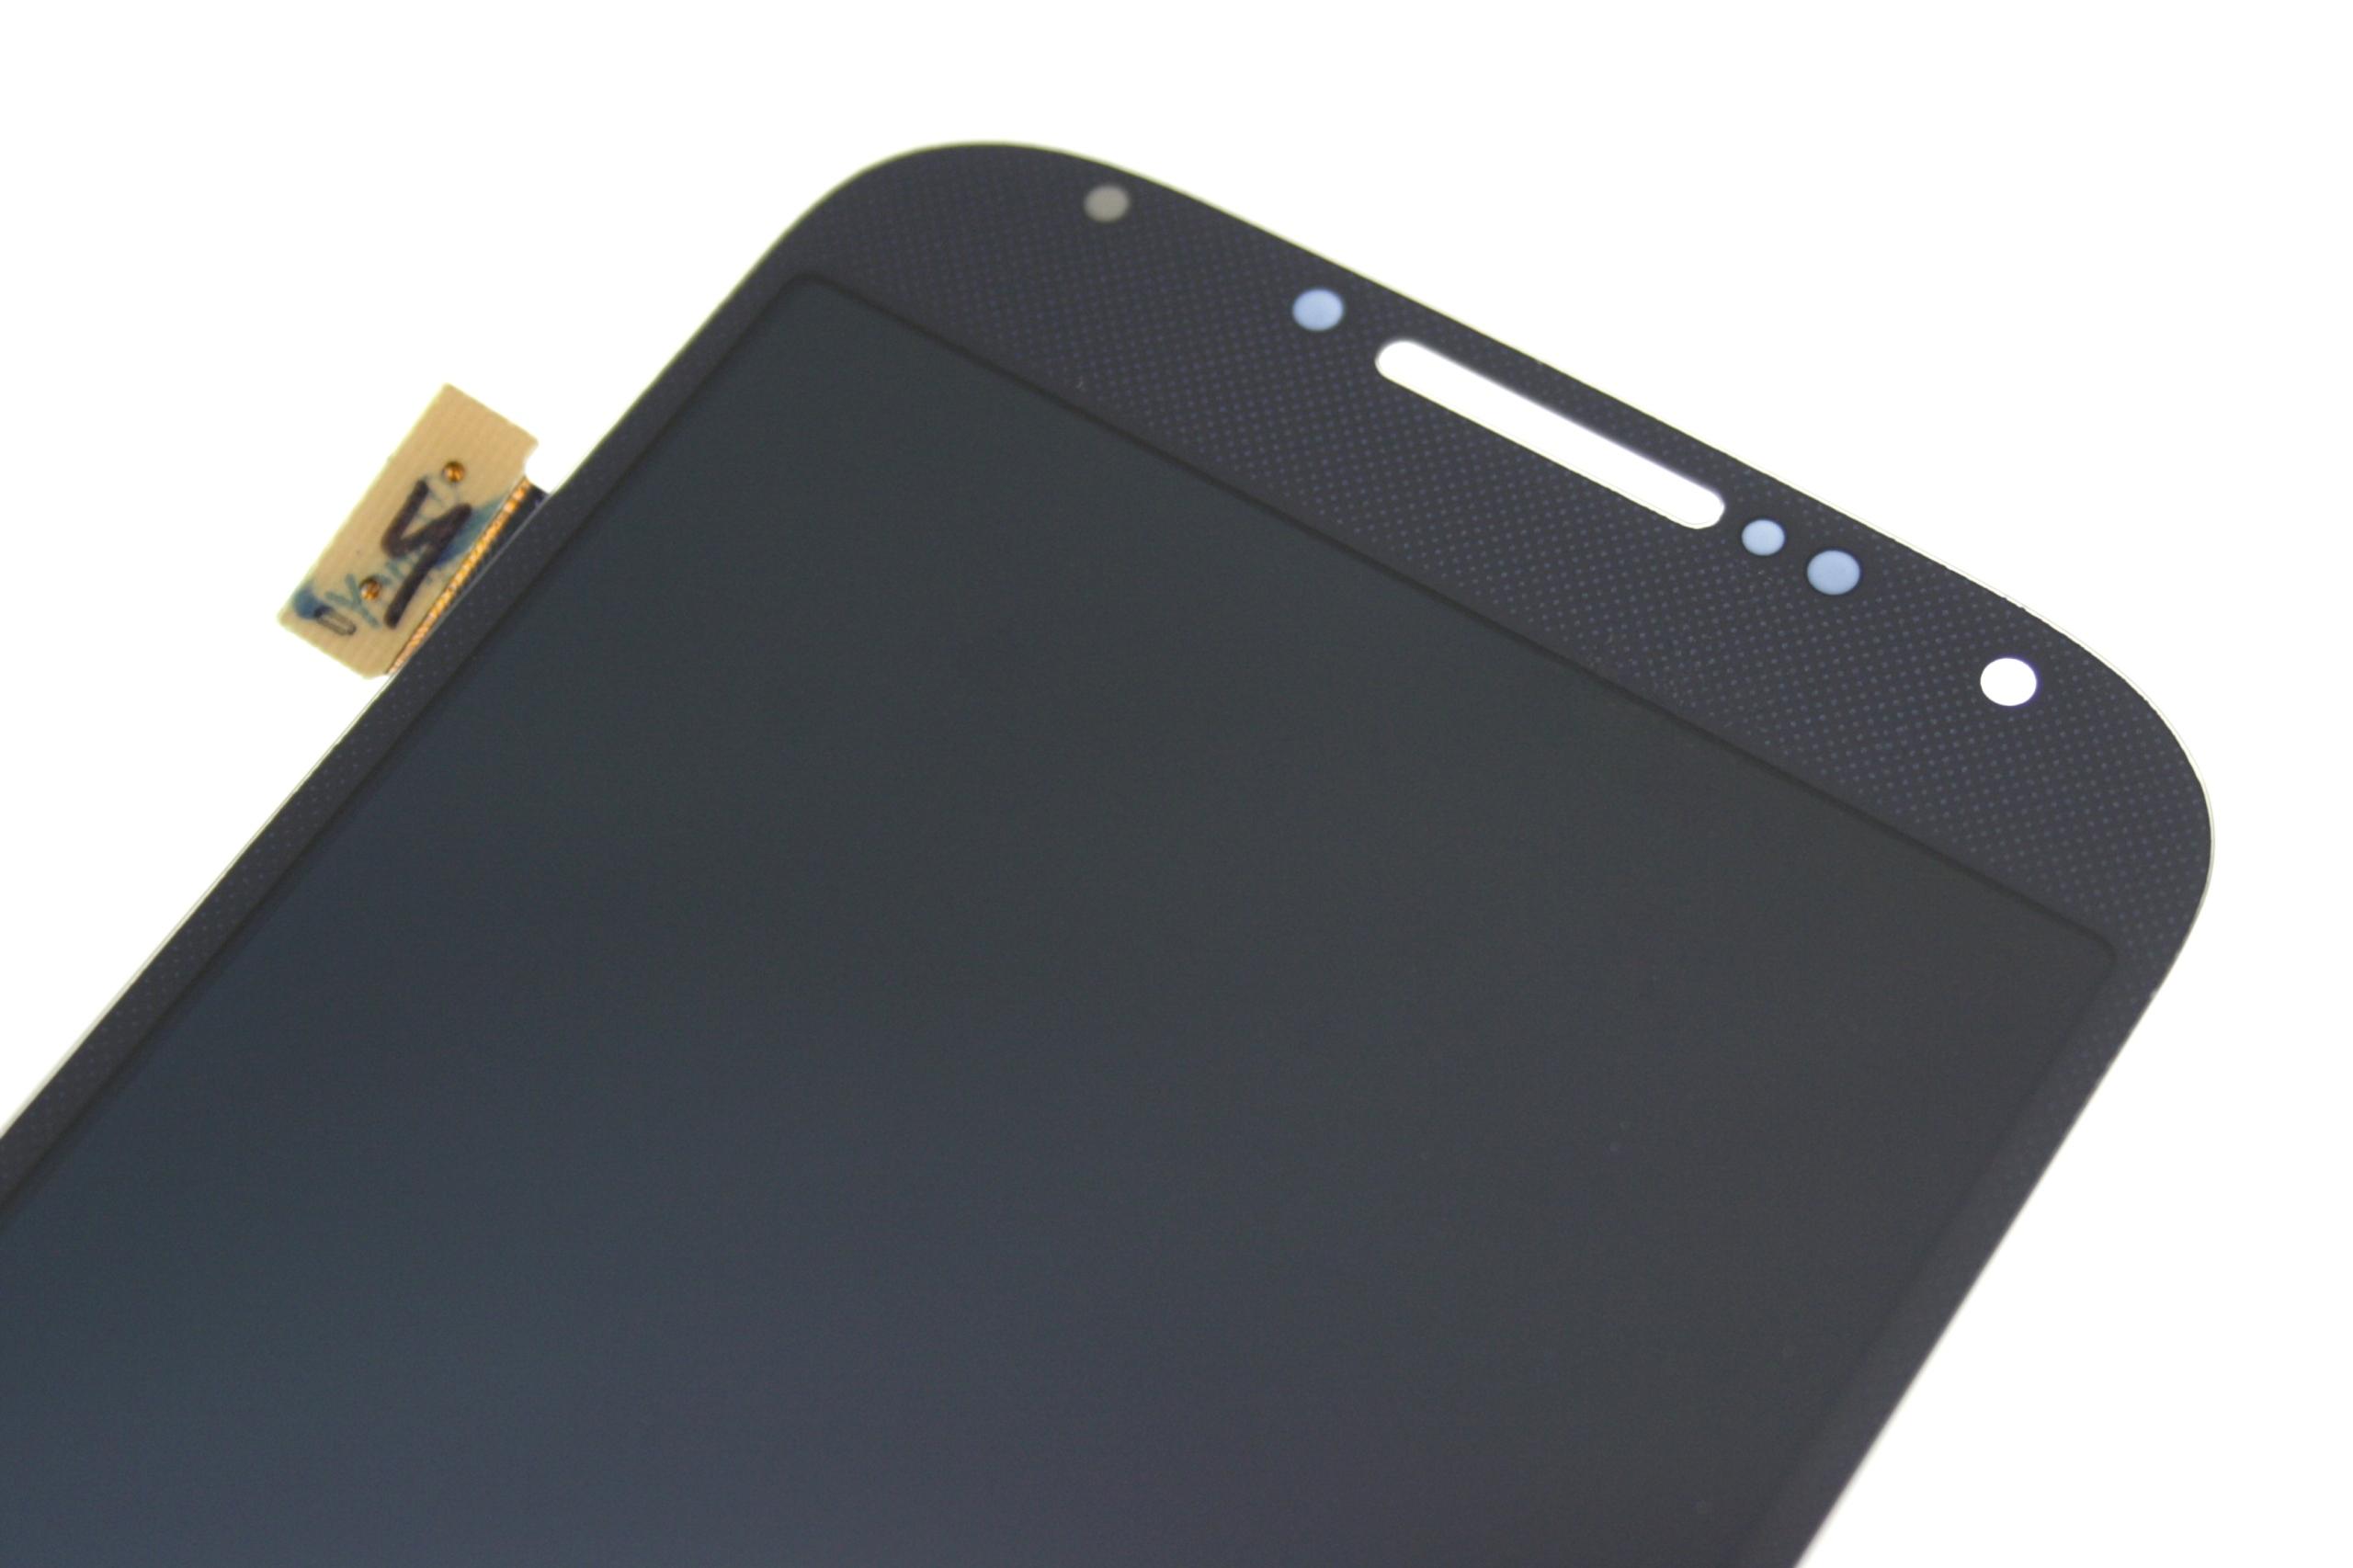 WYŚWIETLACZ DOTYK LCD SAMSUNG GALAXY S4 I9515 VE